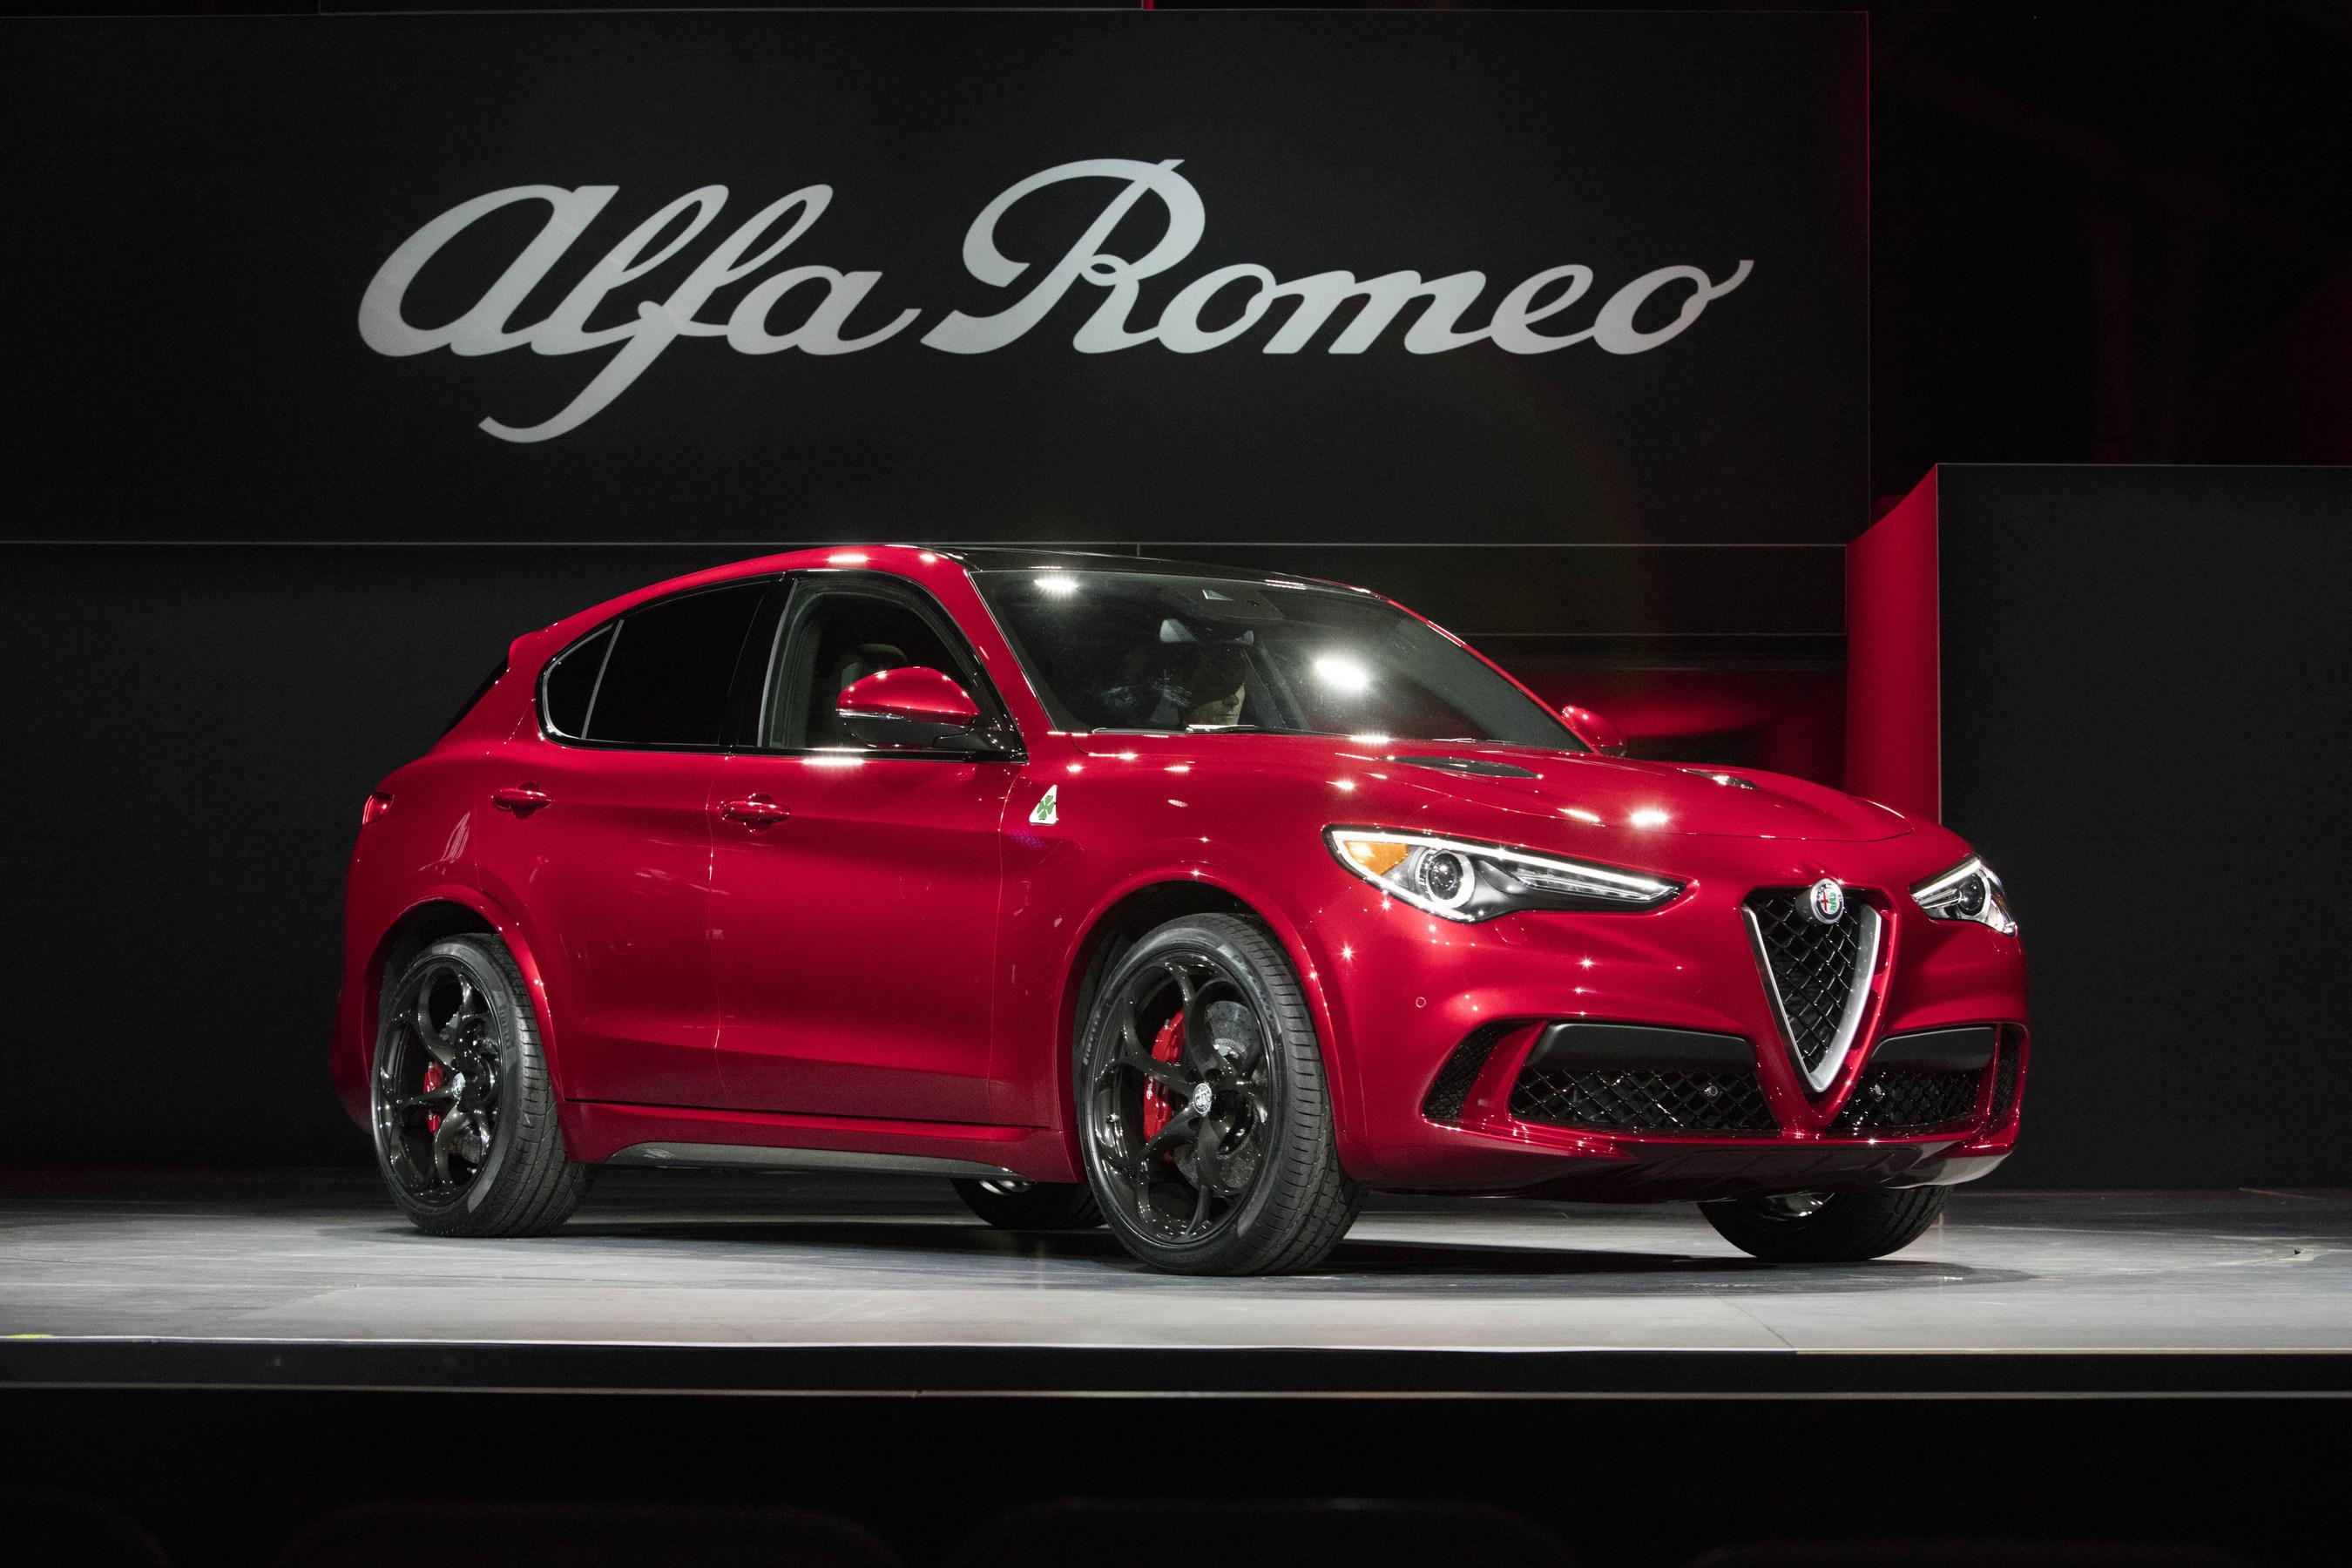 Alfa Romeo Stelvio Suv Wins Cars